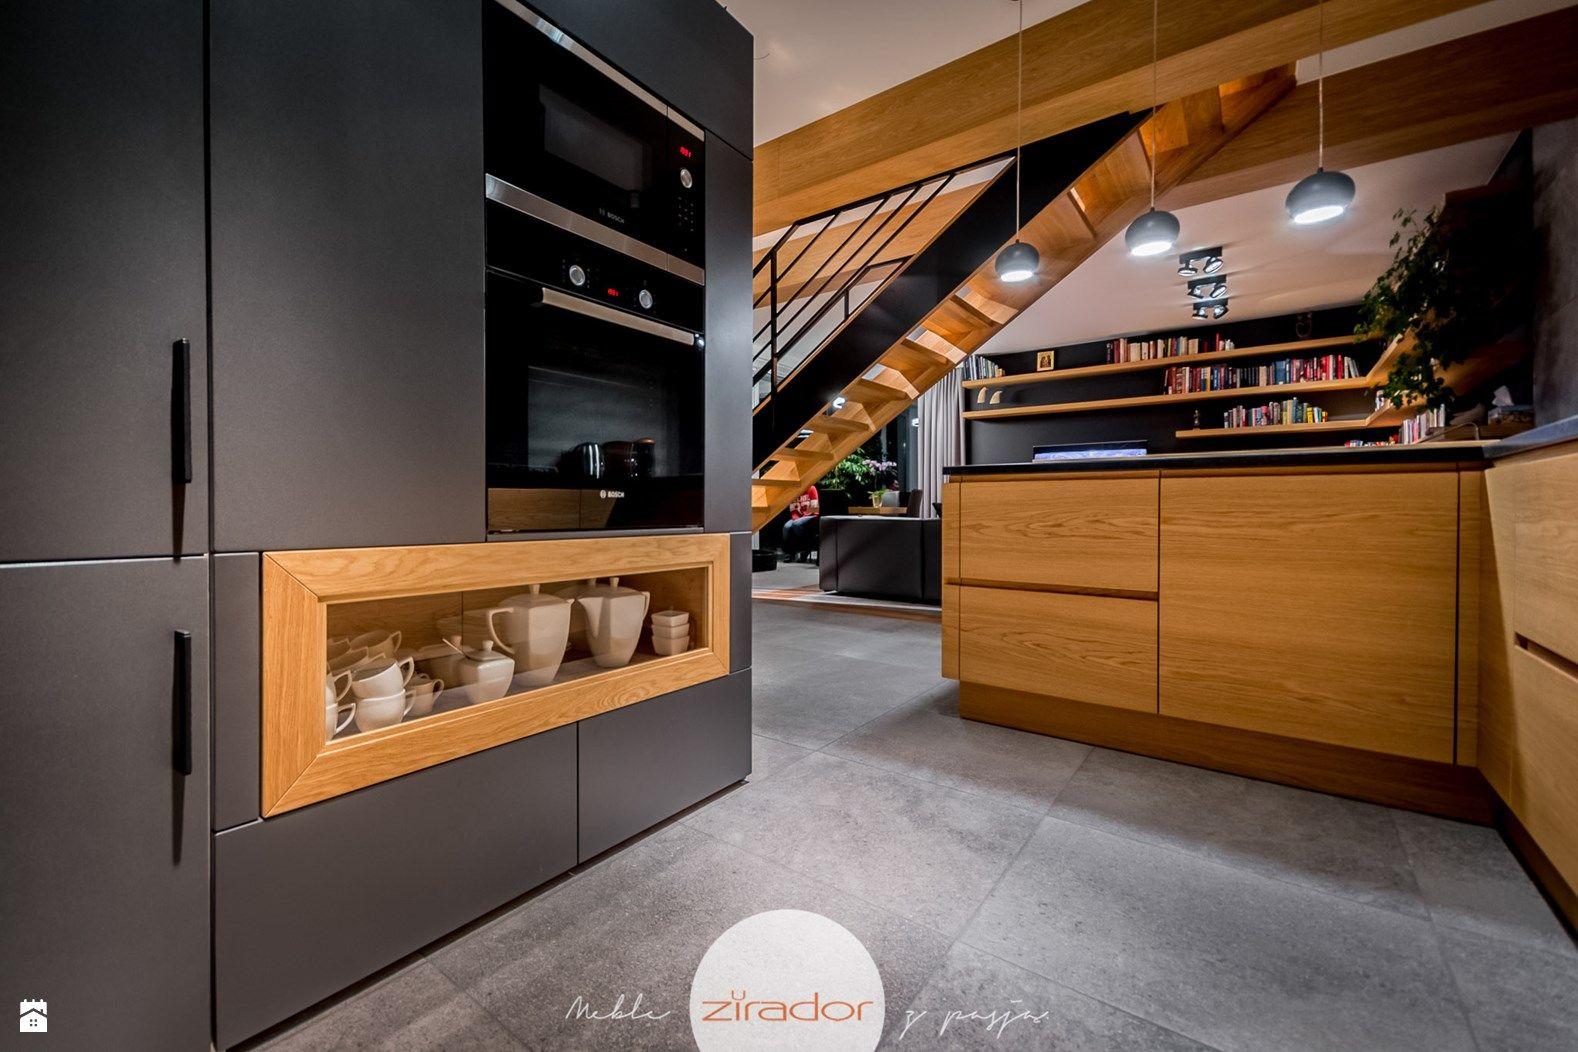 Wystroj Wnetrz Kuchnia Ze Strefa Gotowania Pomysly Na Aranzacje Projekty Ktore Stanowia Prawdziwe Inspiracje Dla Kaz Design Your Home Home Decor Interior